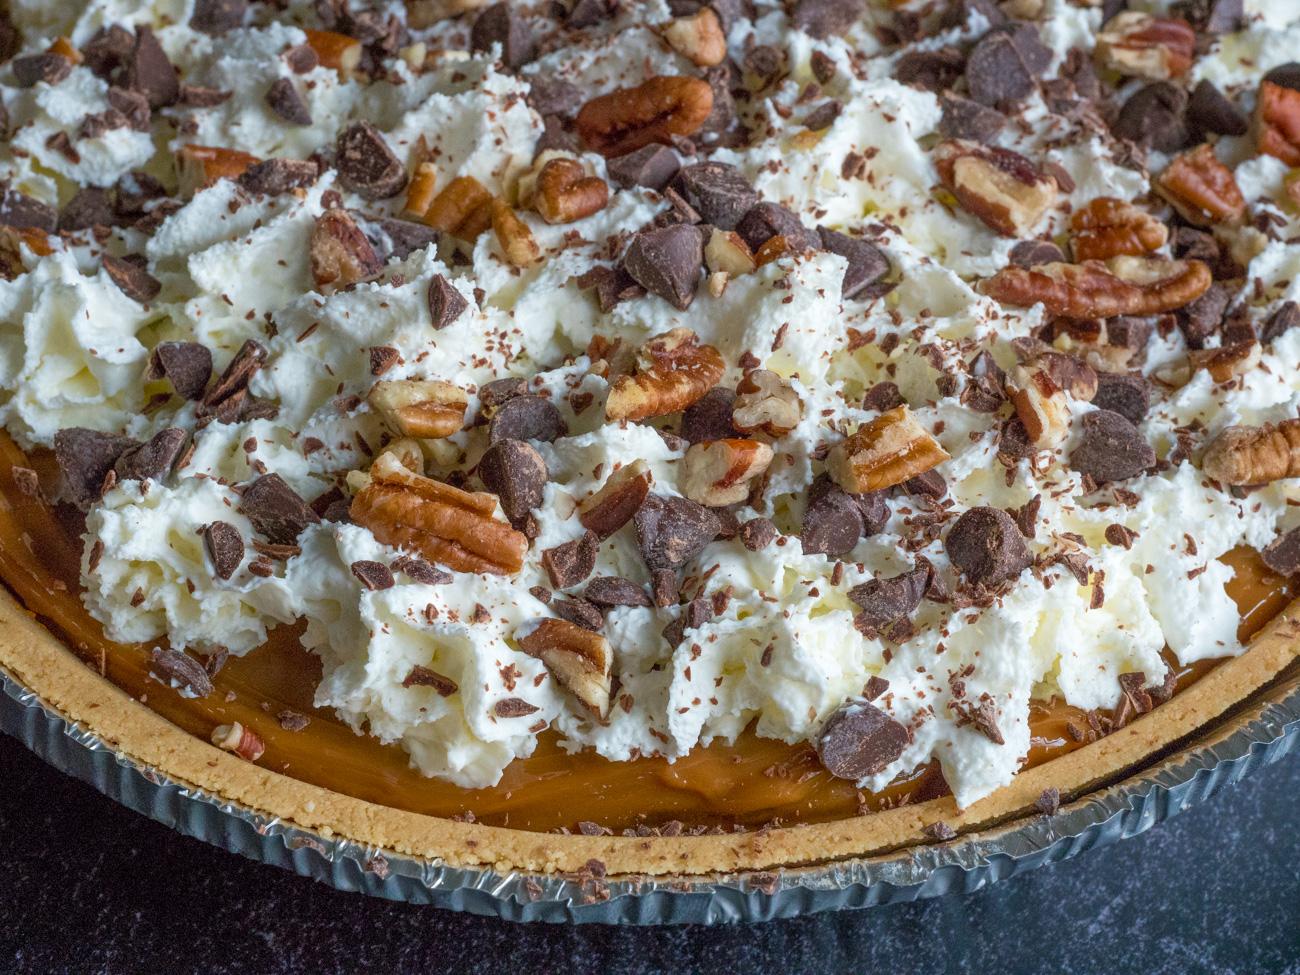 Copycat O'Charley's Caramel Pie